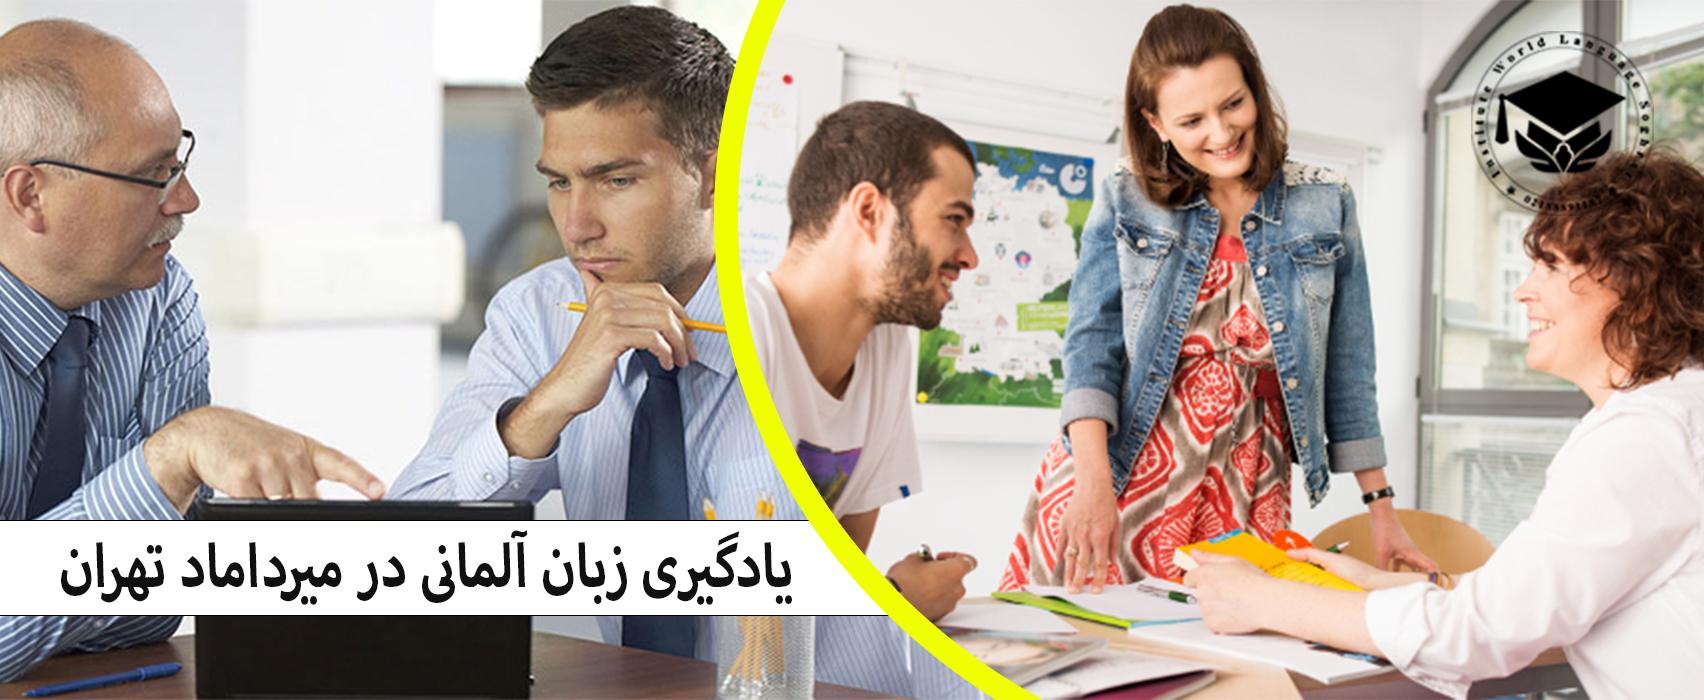 تدریس خصوصی زبان آلمانی در میرداماد